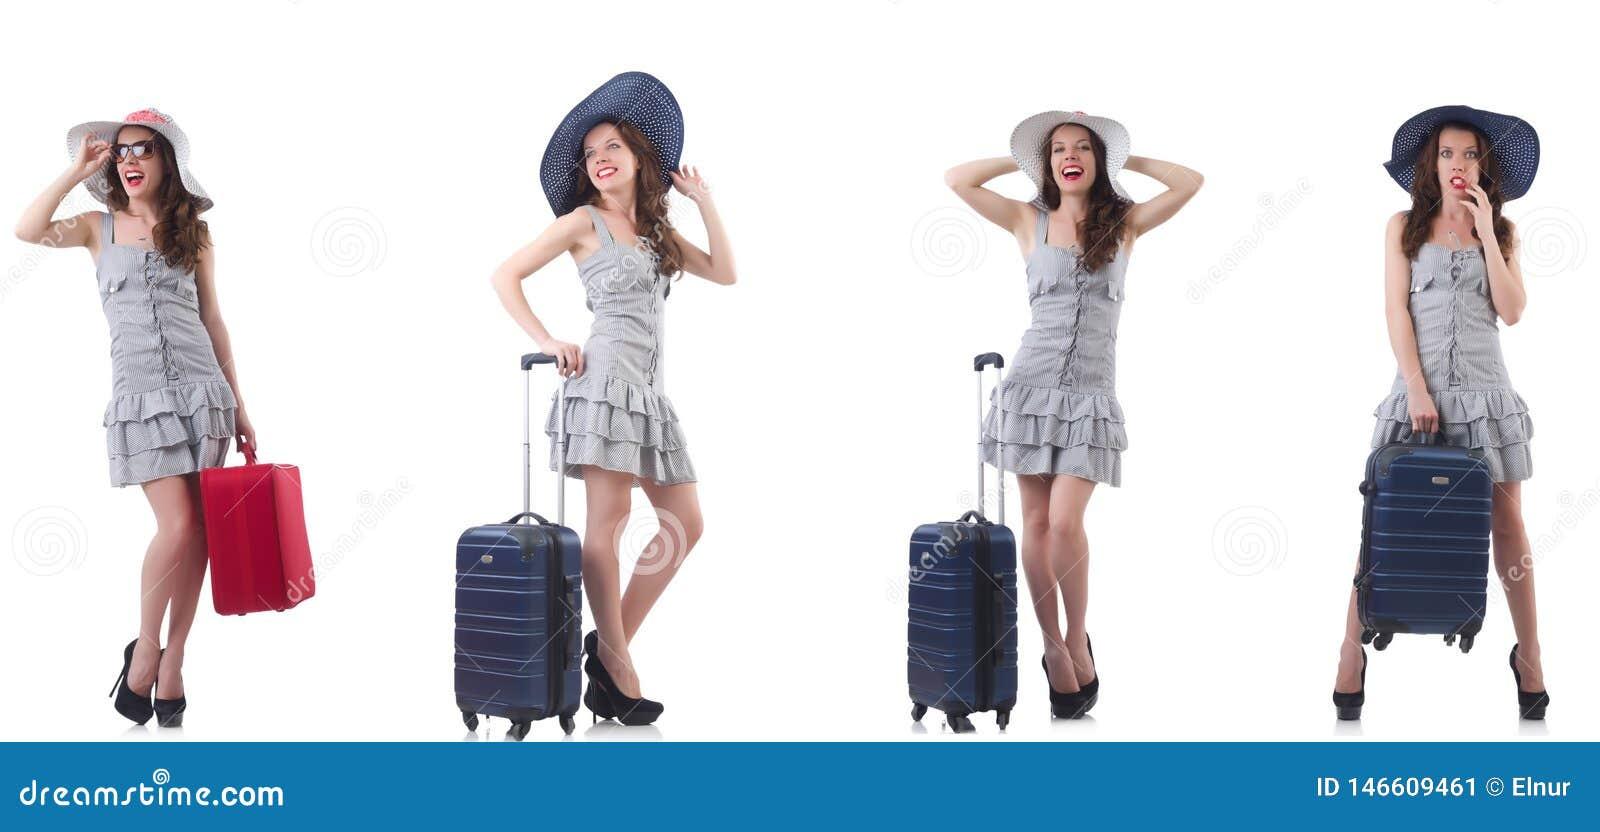 Η γυναίκα με τη βαλίτσα που απομονώνεται στο λευκό